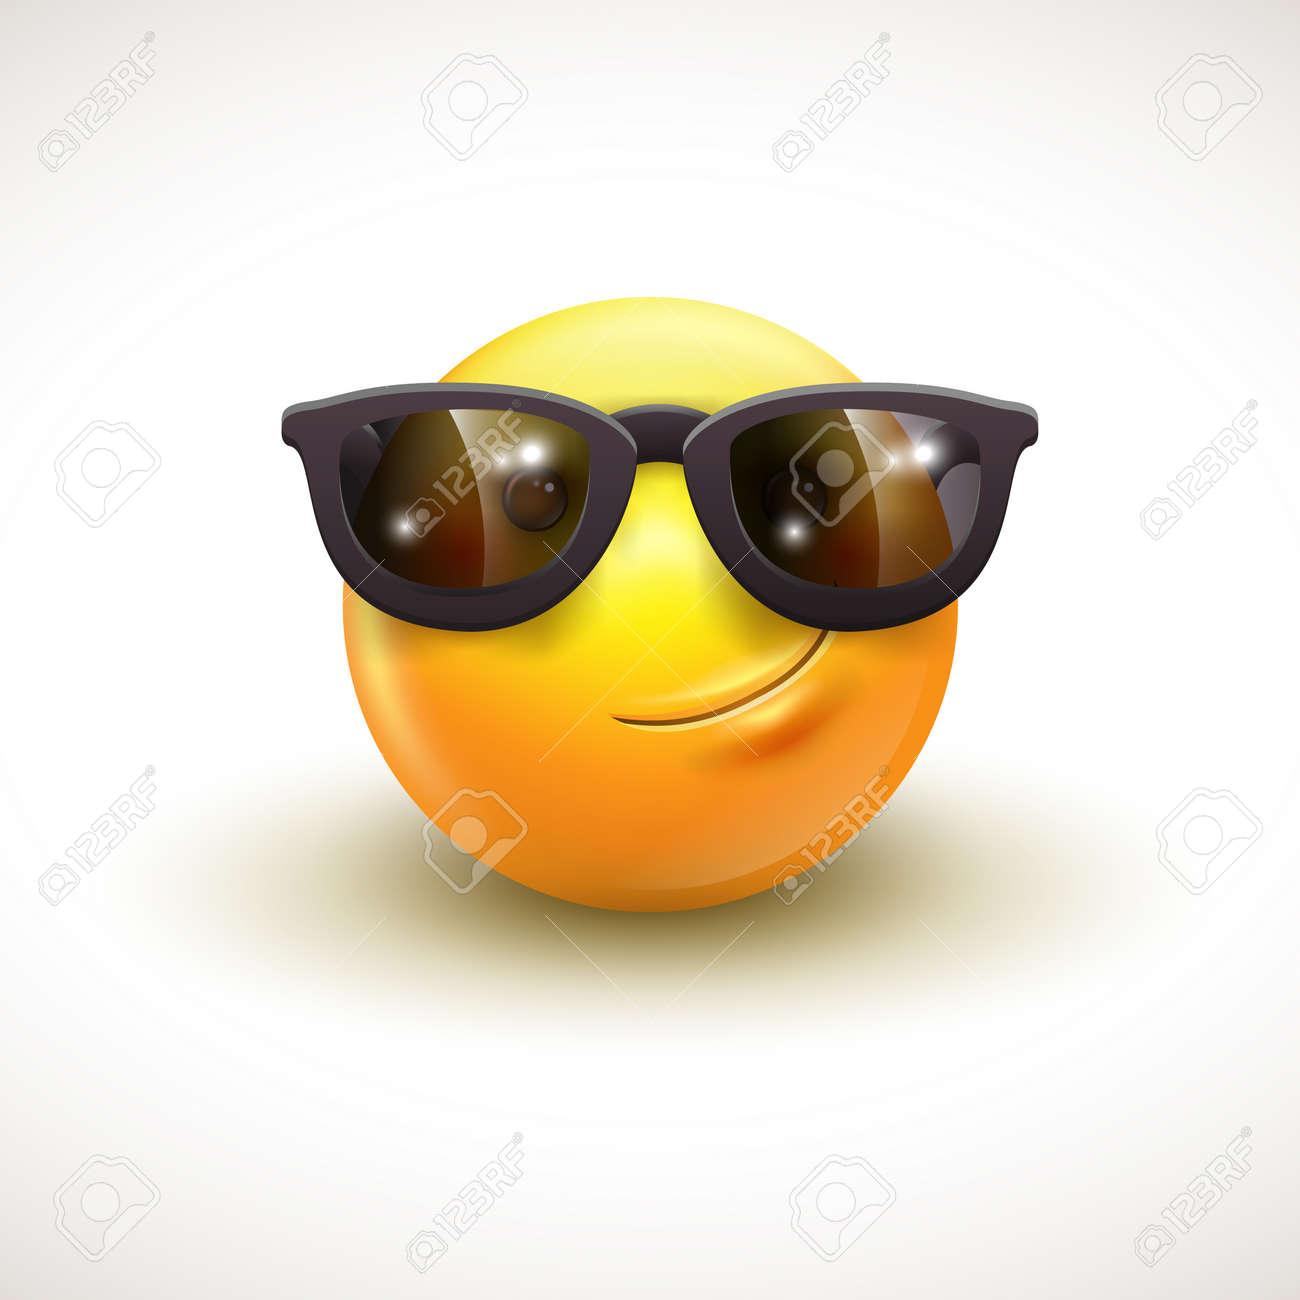 Con Lindo Gafas De Emoticon Sol NegrasEmojiSmiley Sonriente HEI92D